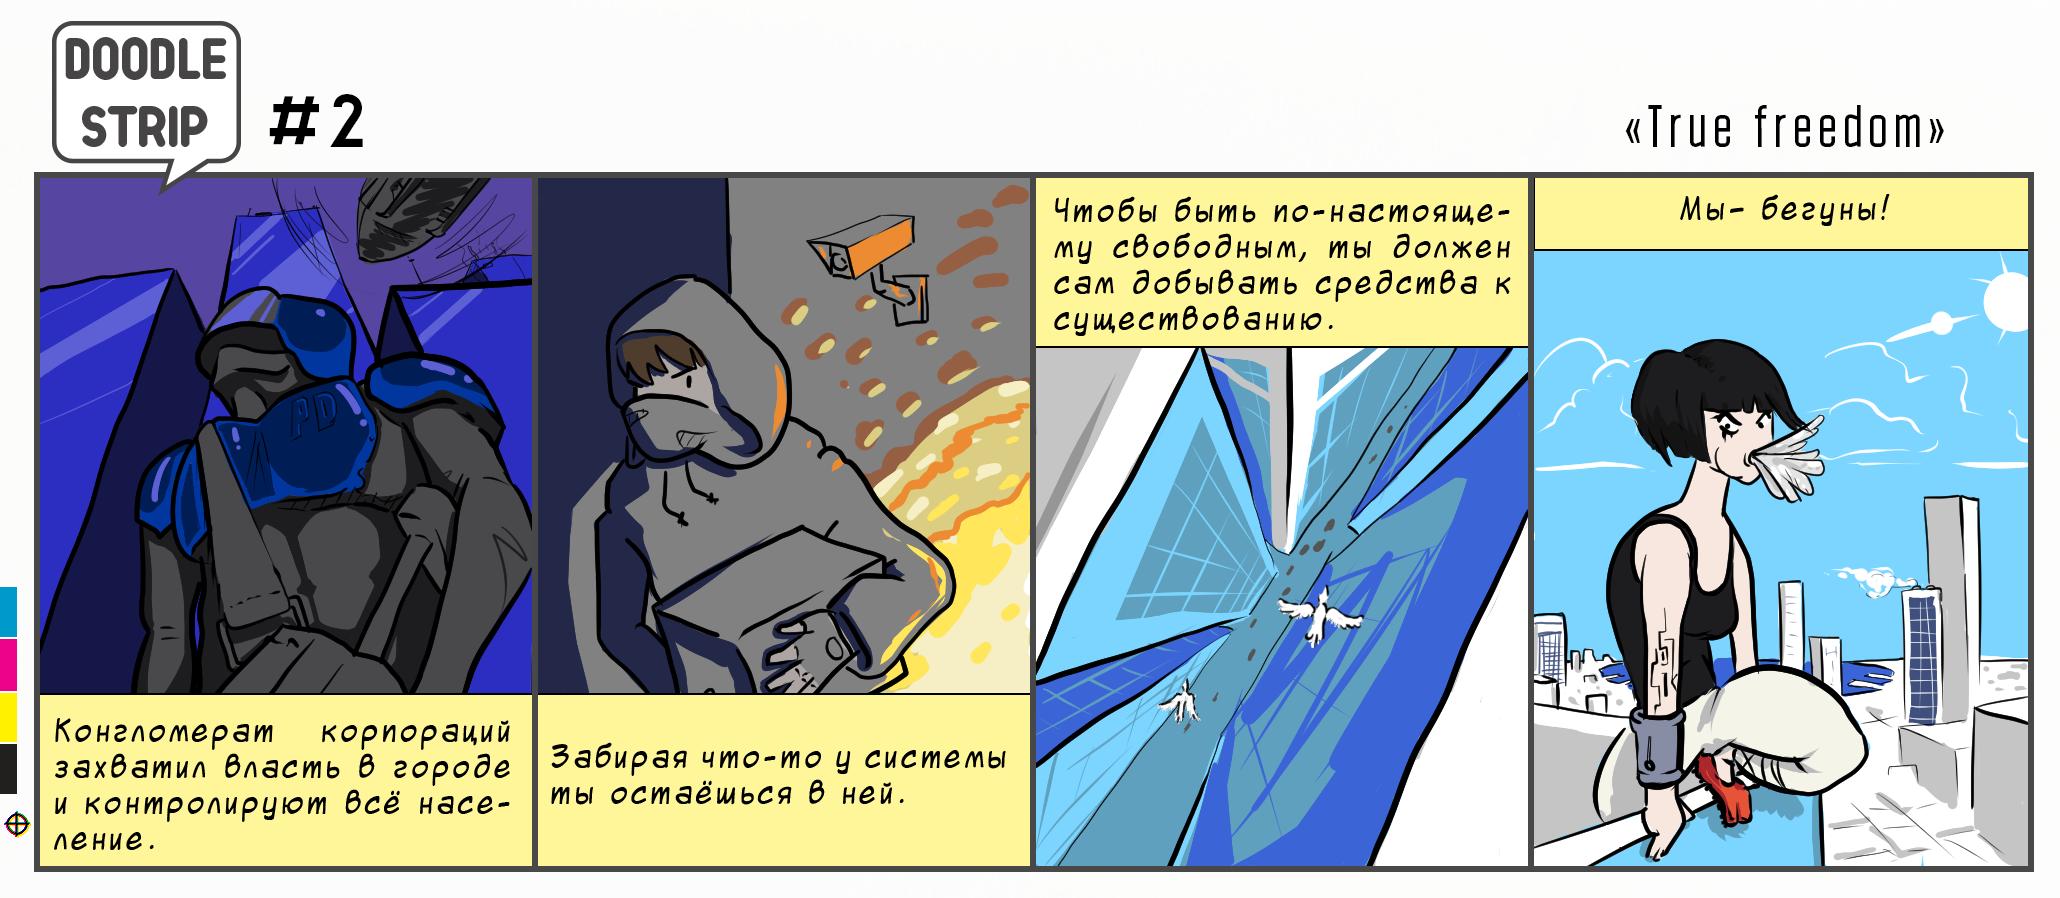 Doodle strip резистанс upd - Изображение 2